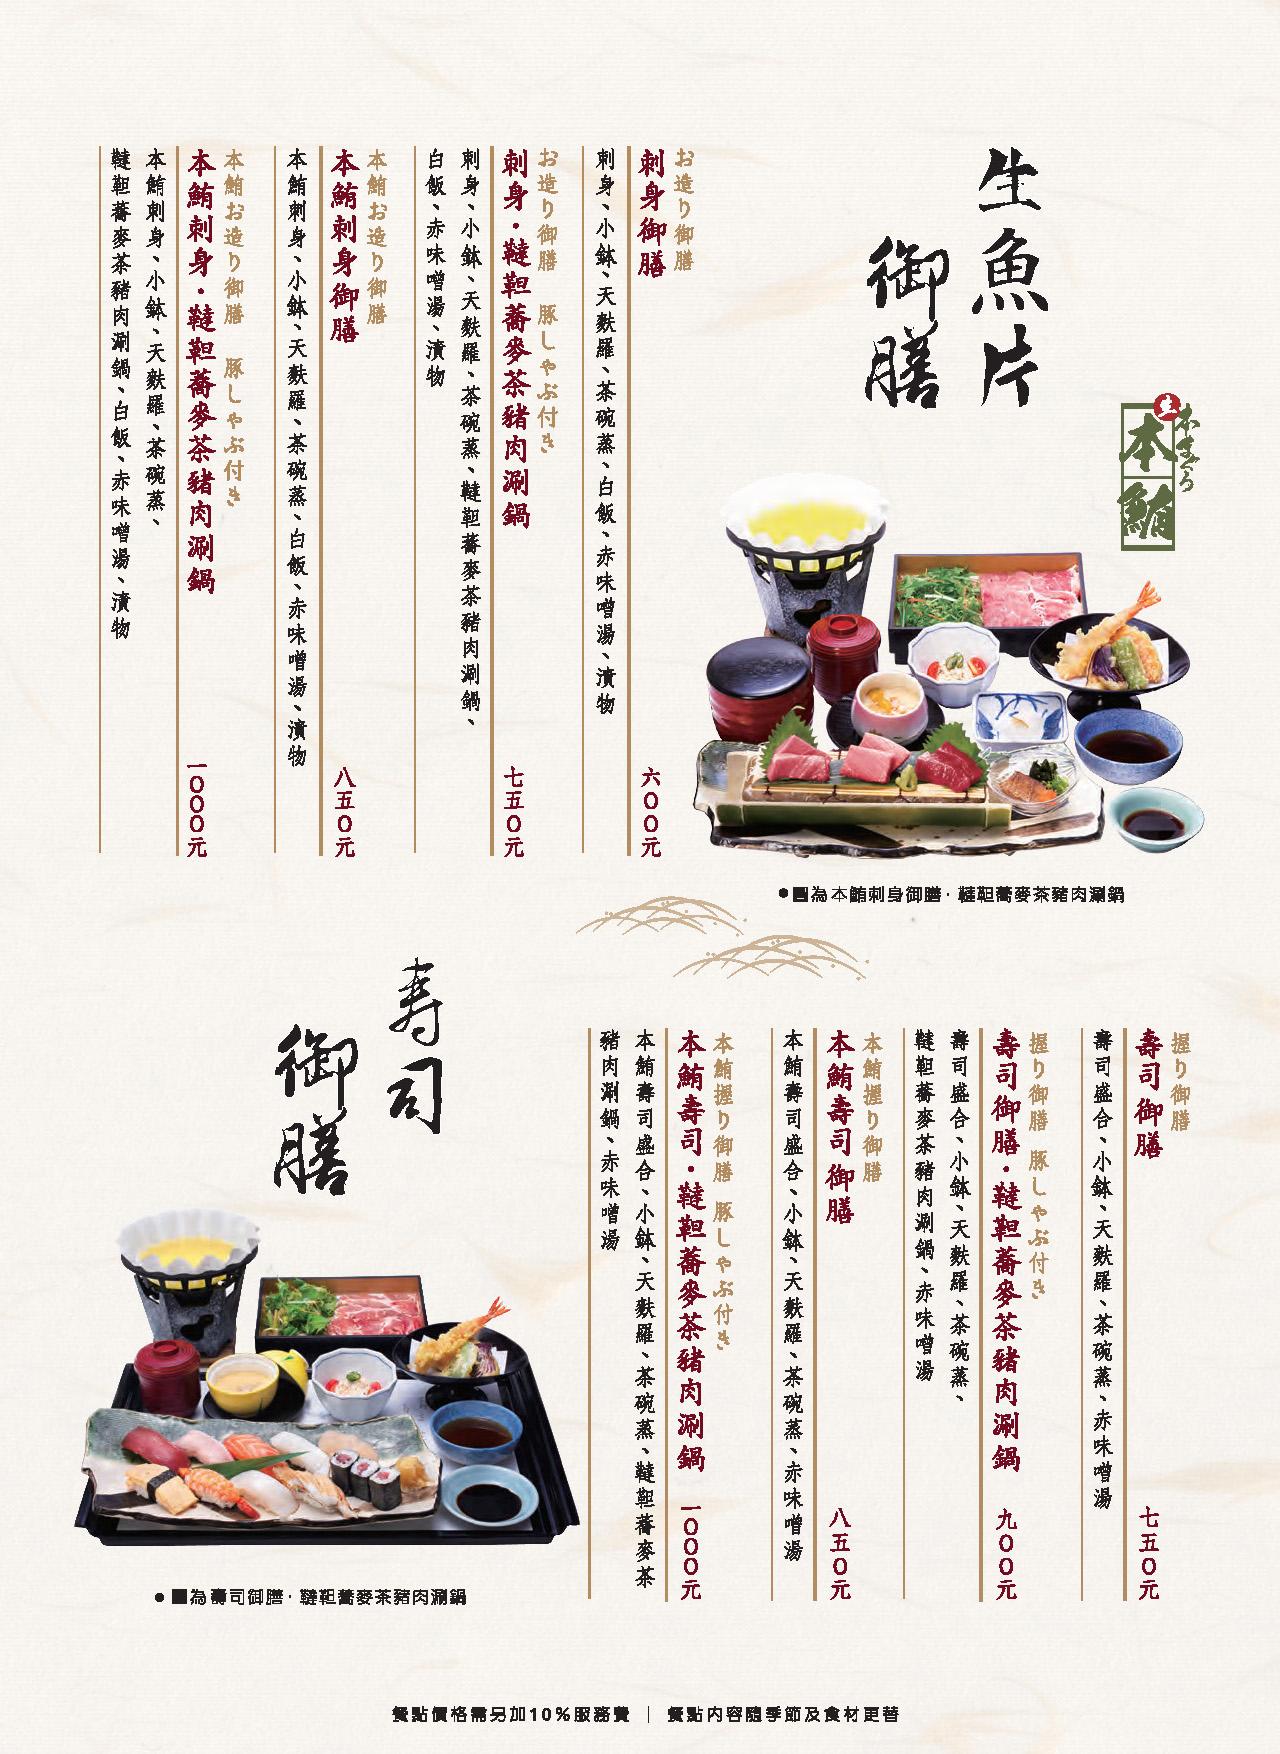 莞固和食 GANKO 台北大直店菜單 - 生魚片御膳 壽司御膳